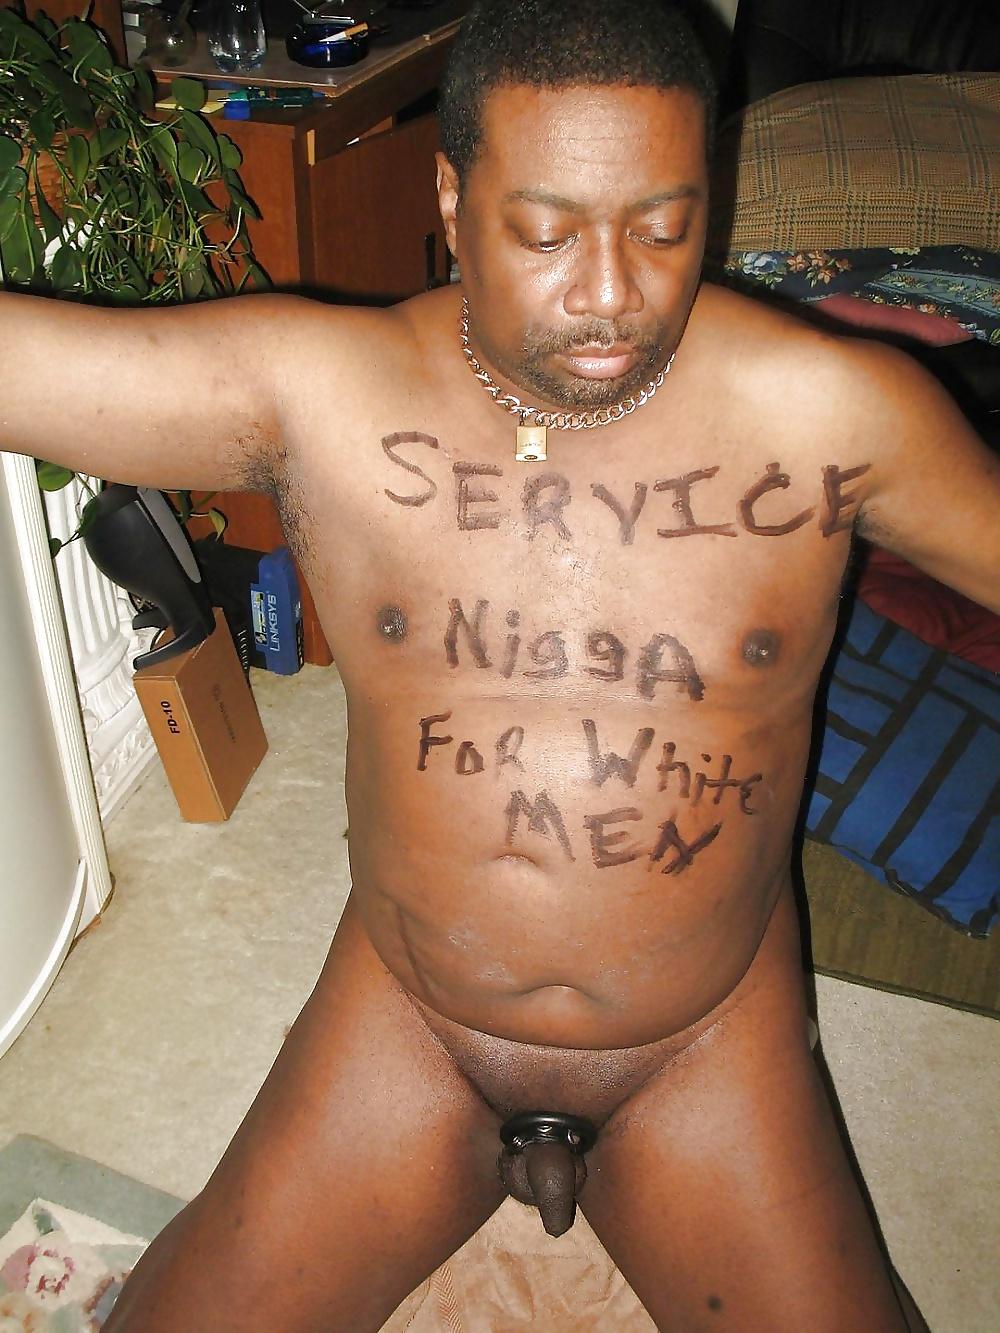 big-boob-gay-nigger